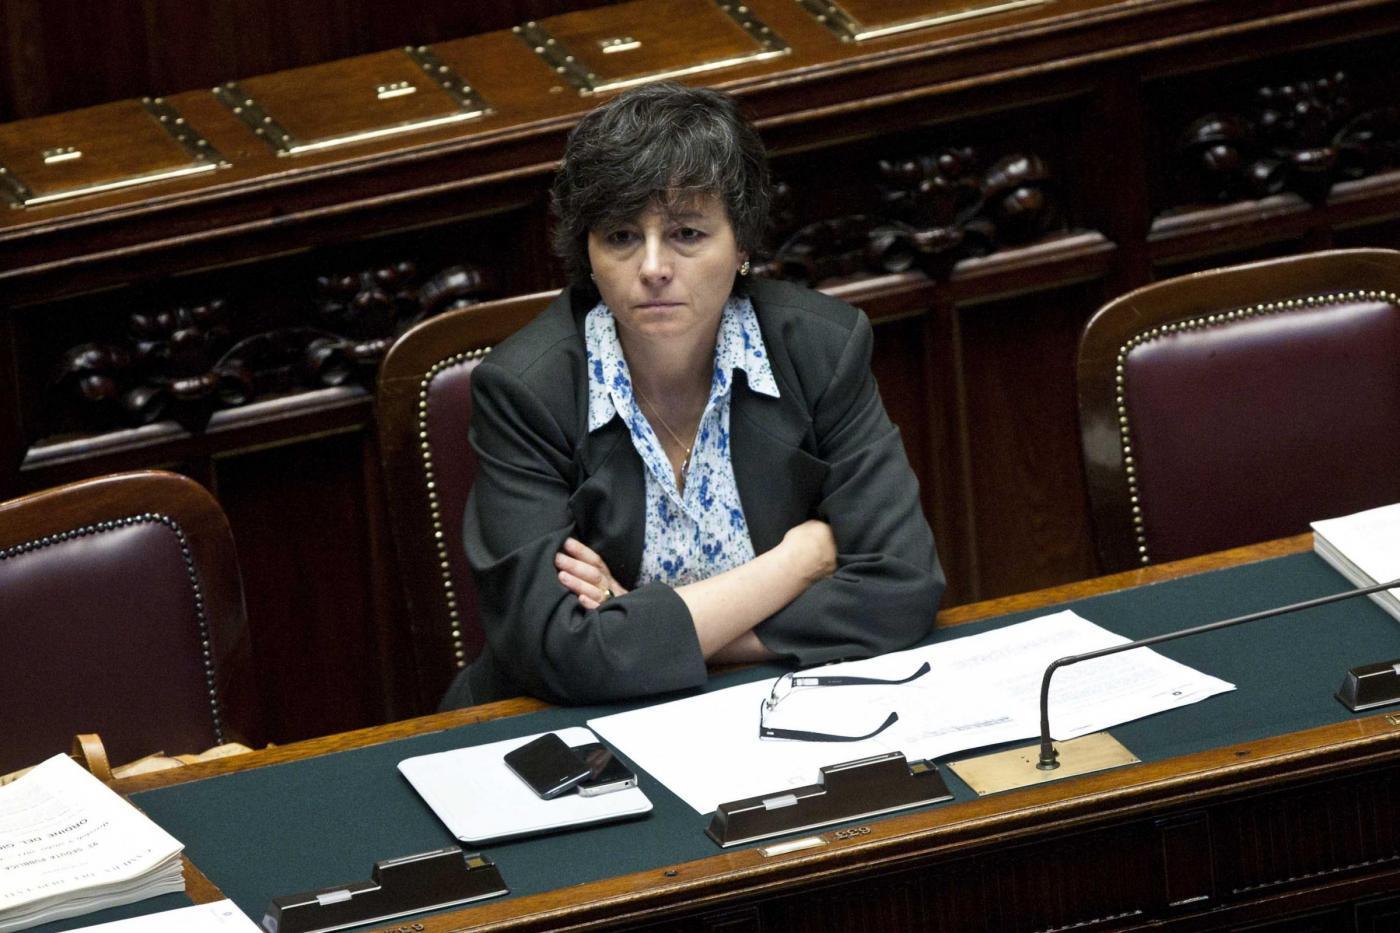 Scuola: stipendio professori tagliato di 150 euro, Carrozza contro Saccomanni